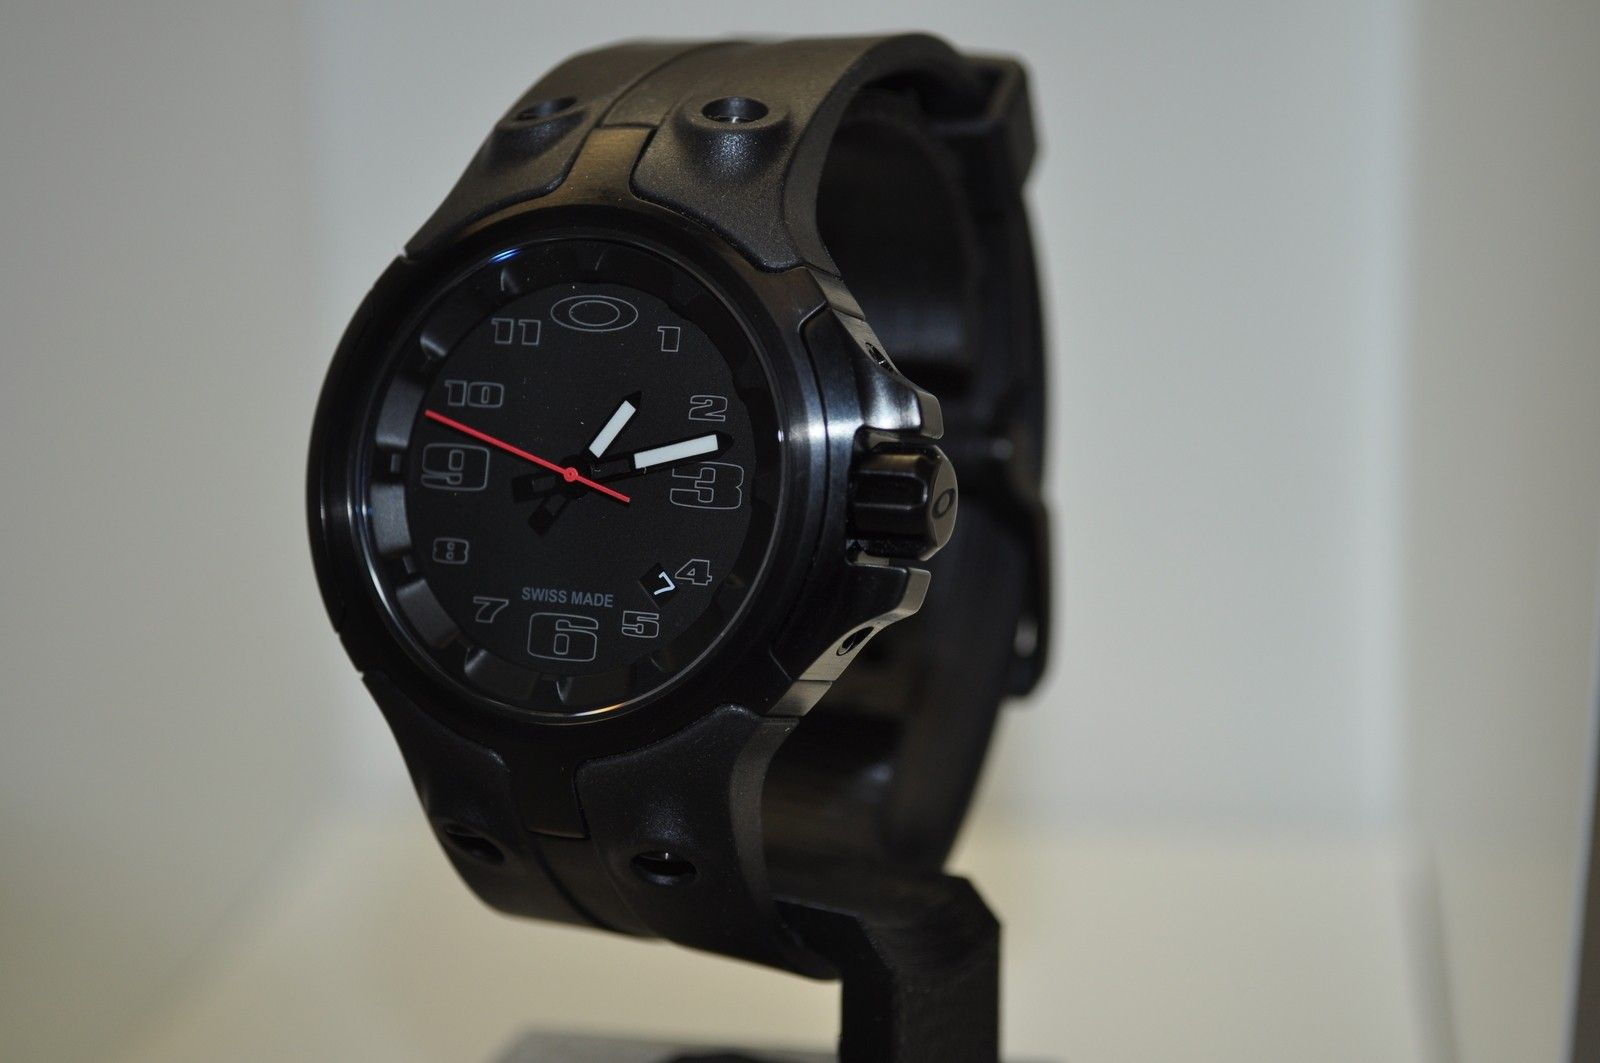 Bottle Cap Watch - Stealth Black/Black Dial/Unobtainium Strap 26-312 - DSC_0735.JPG